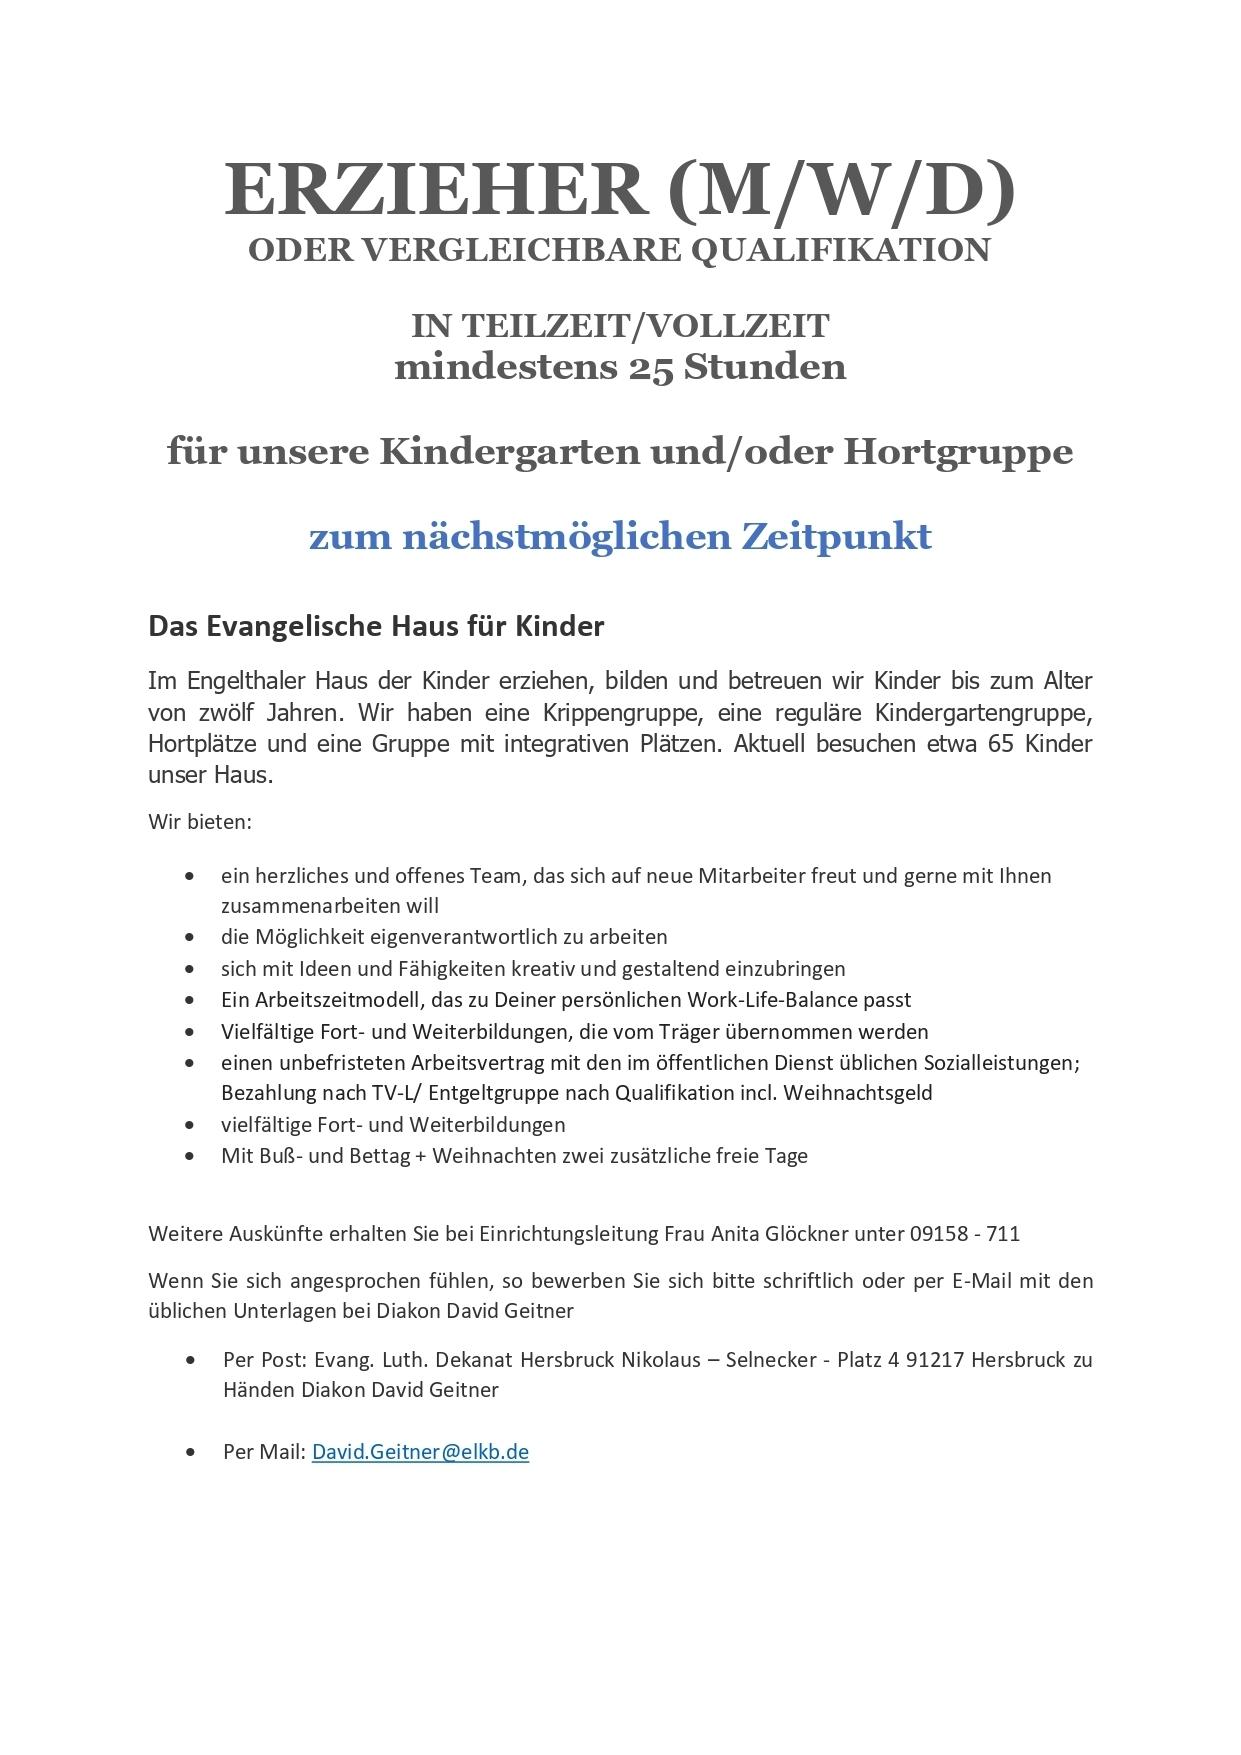 Erzieher_m_w_d_Engelthal_Haus_für_Kinder_pages-to-jpg-0001.jpg